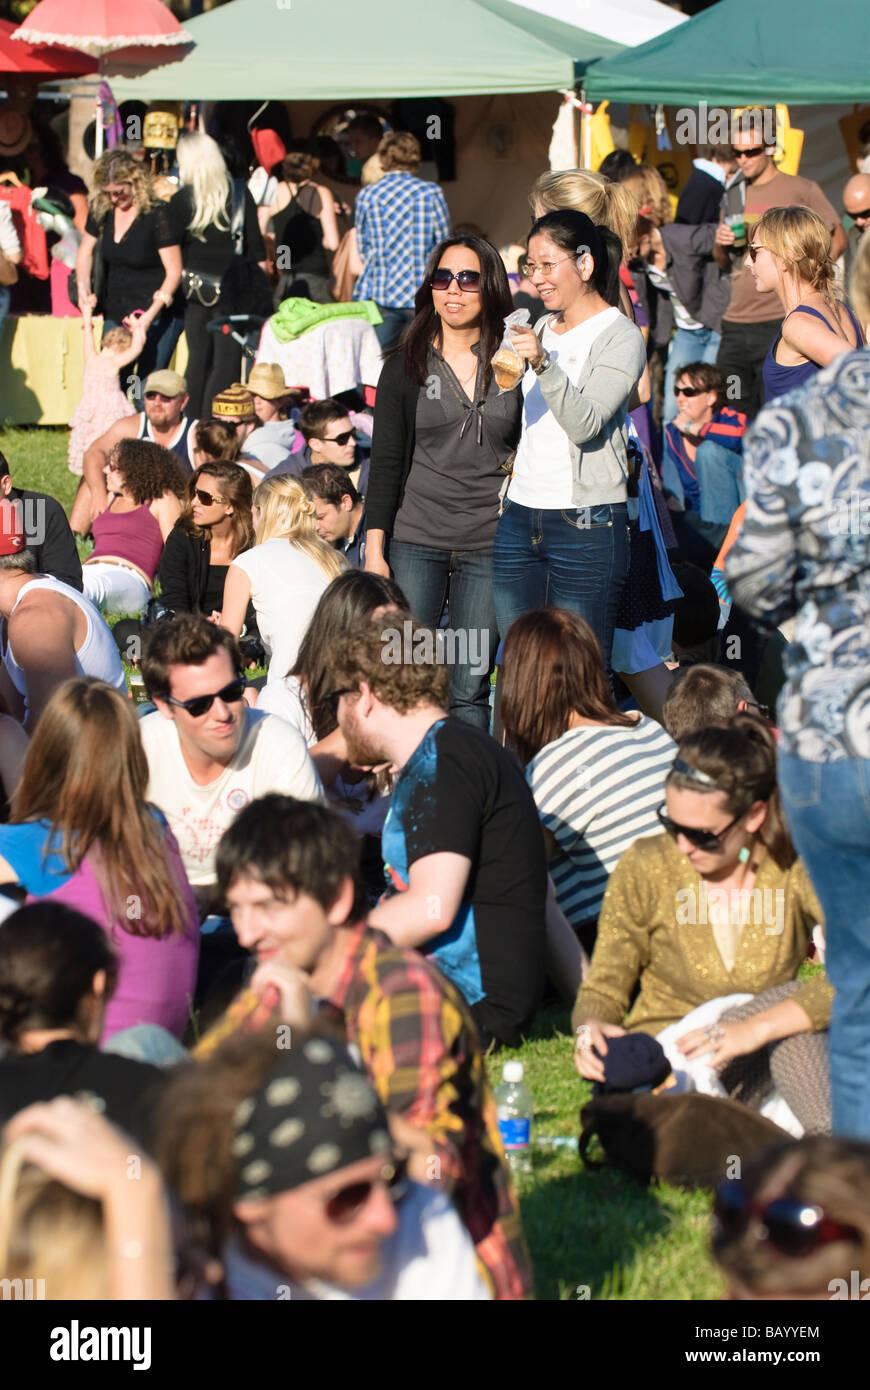 Gemeinschaft feste, beliebt bei jungen Menschen, sind in Stadtteile rund um Australien statt. Multikulturelle Masse; Stockfoto